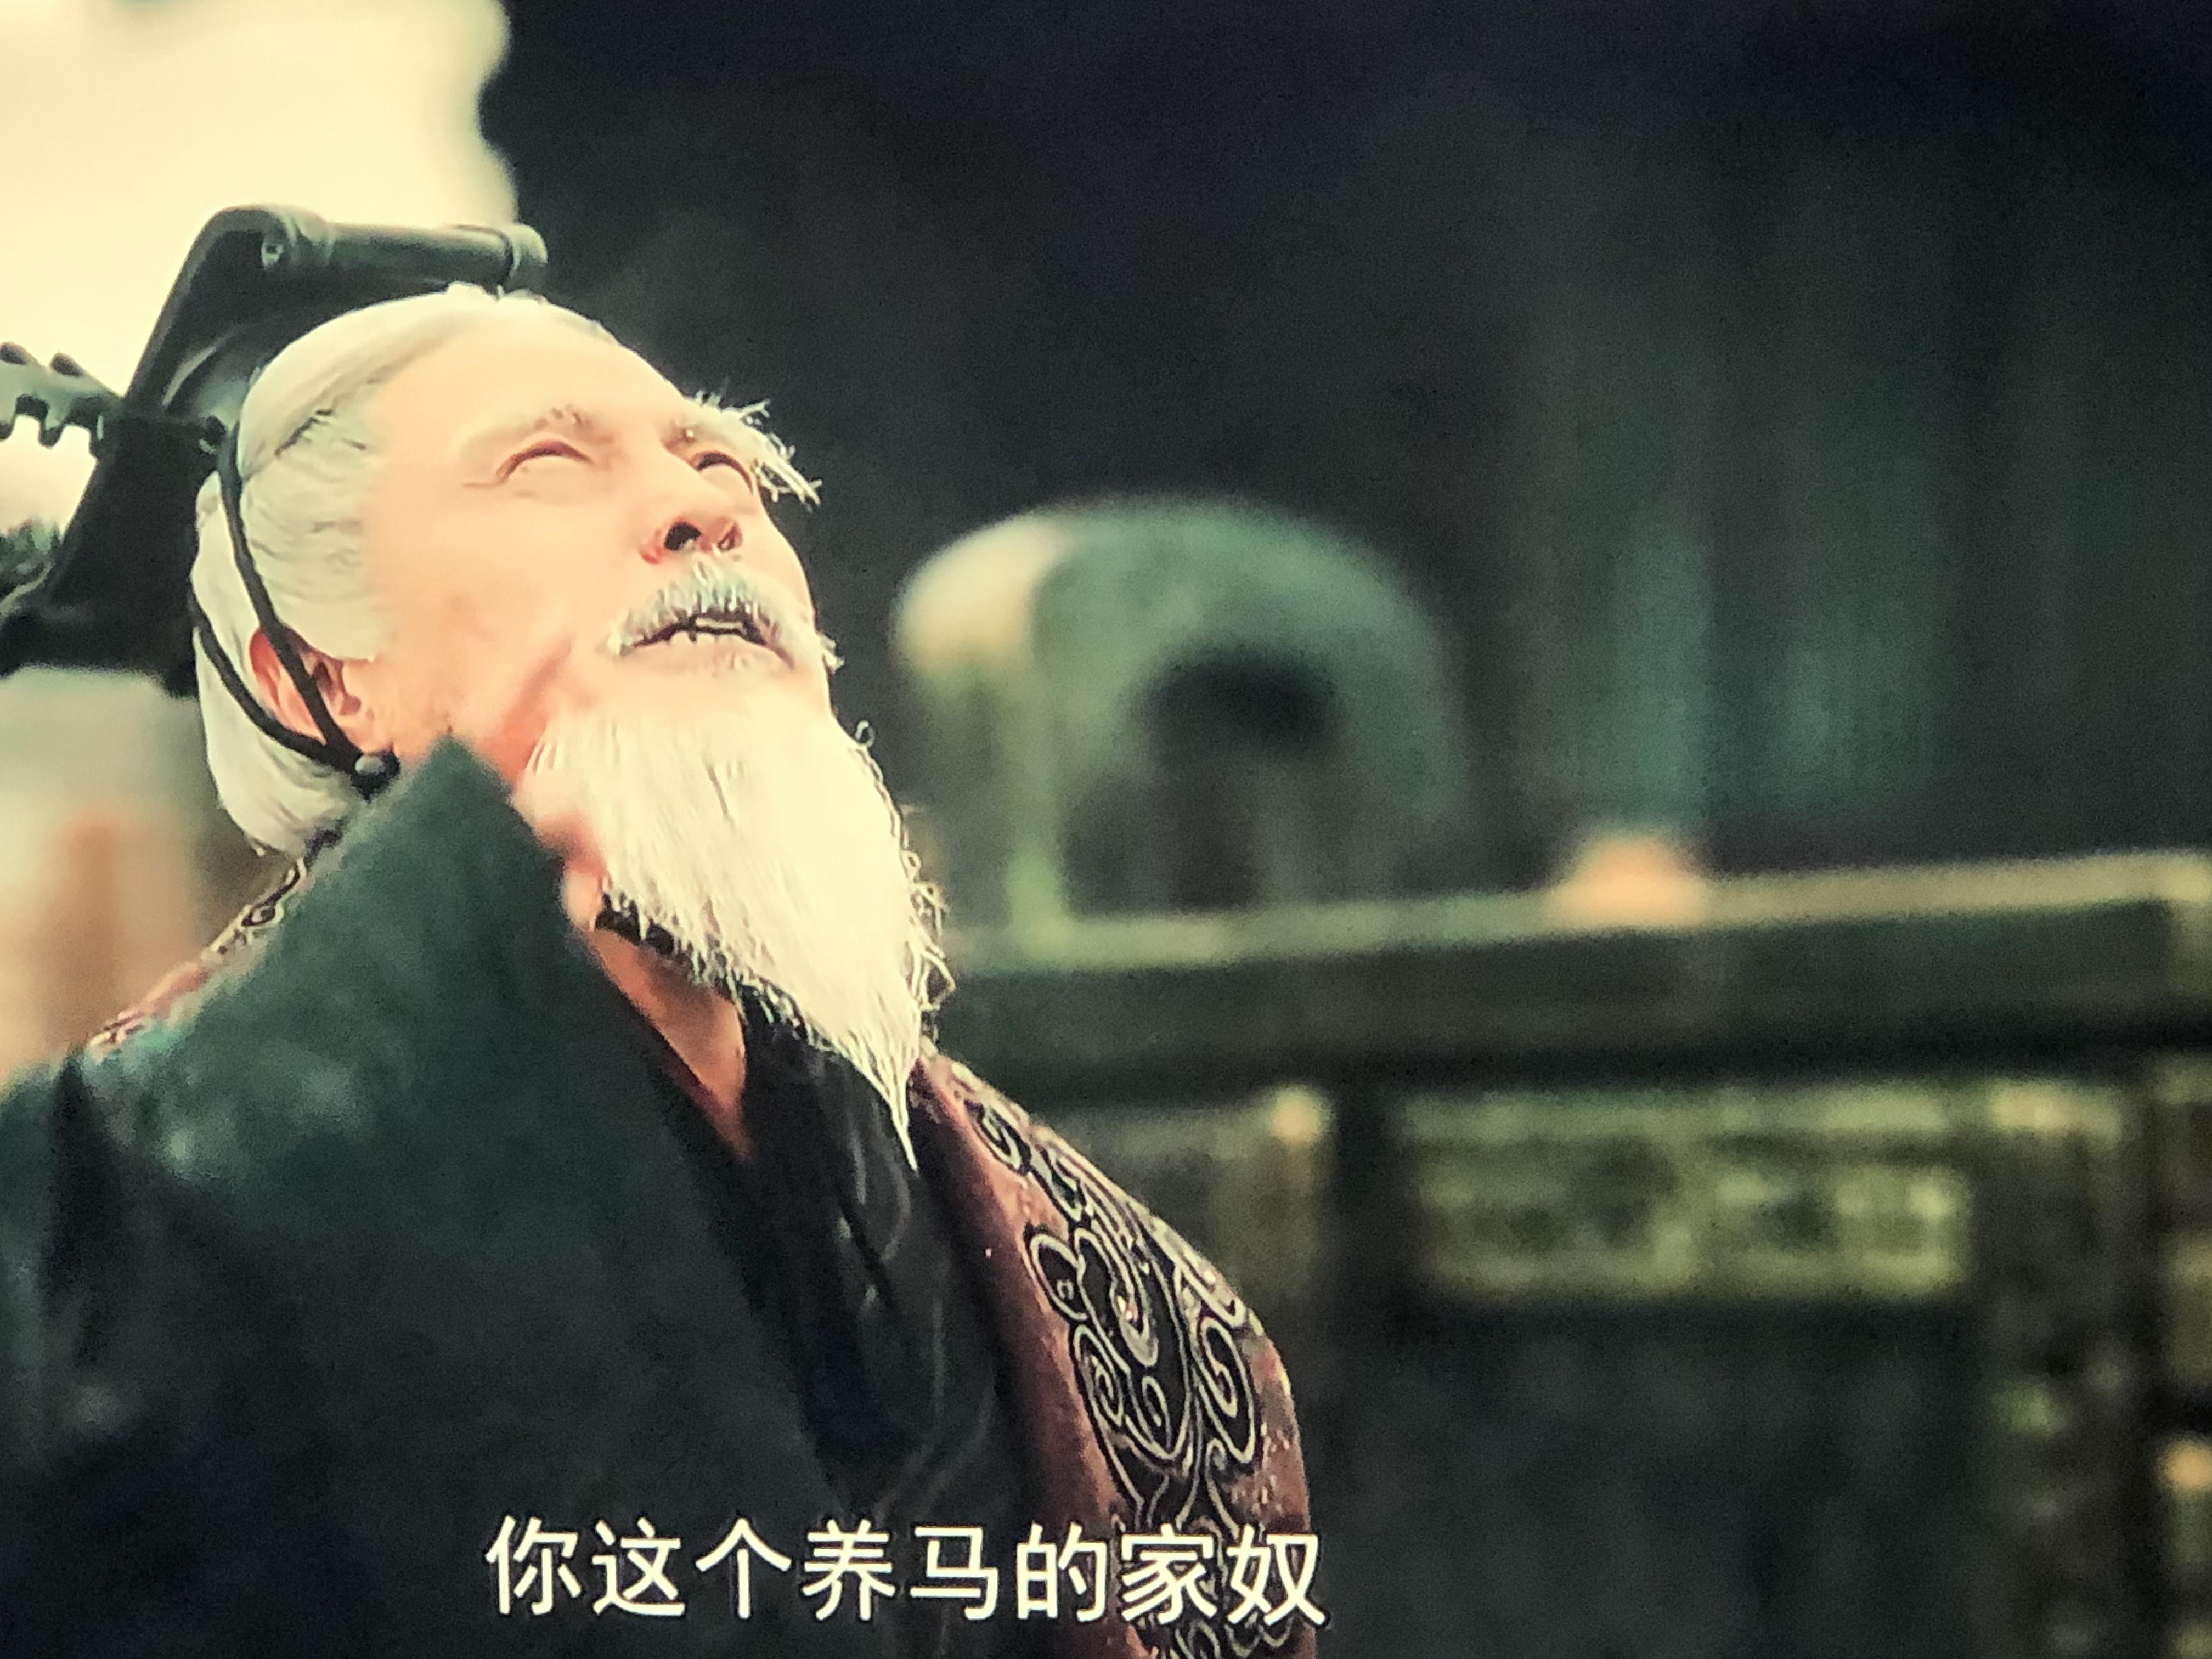 《大秦赋》:分不清周天子东周西周君遭鄙视,原来战国末年有两周